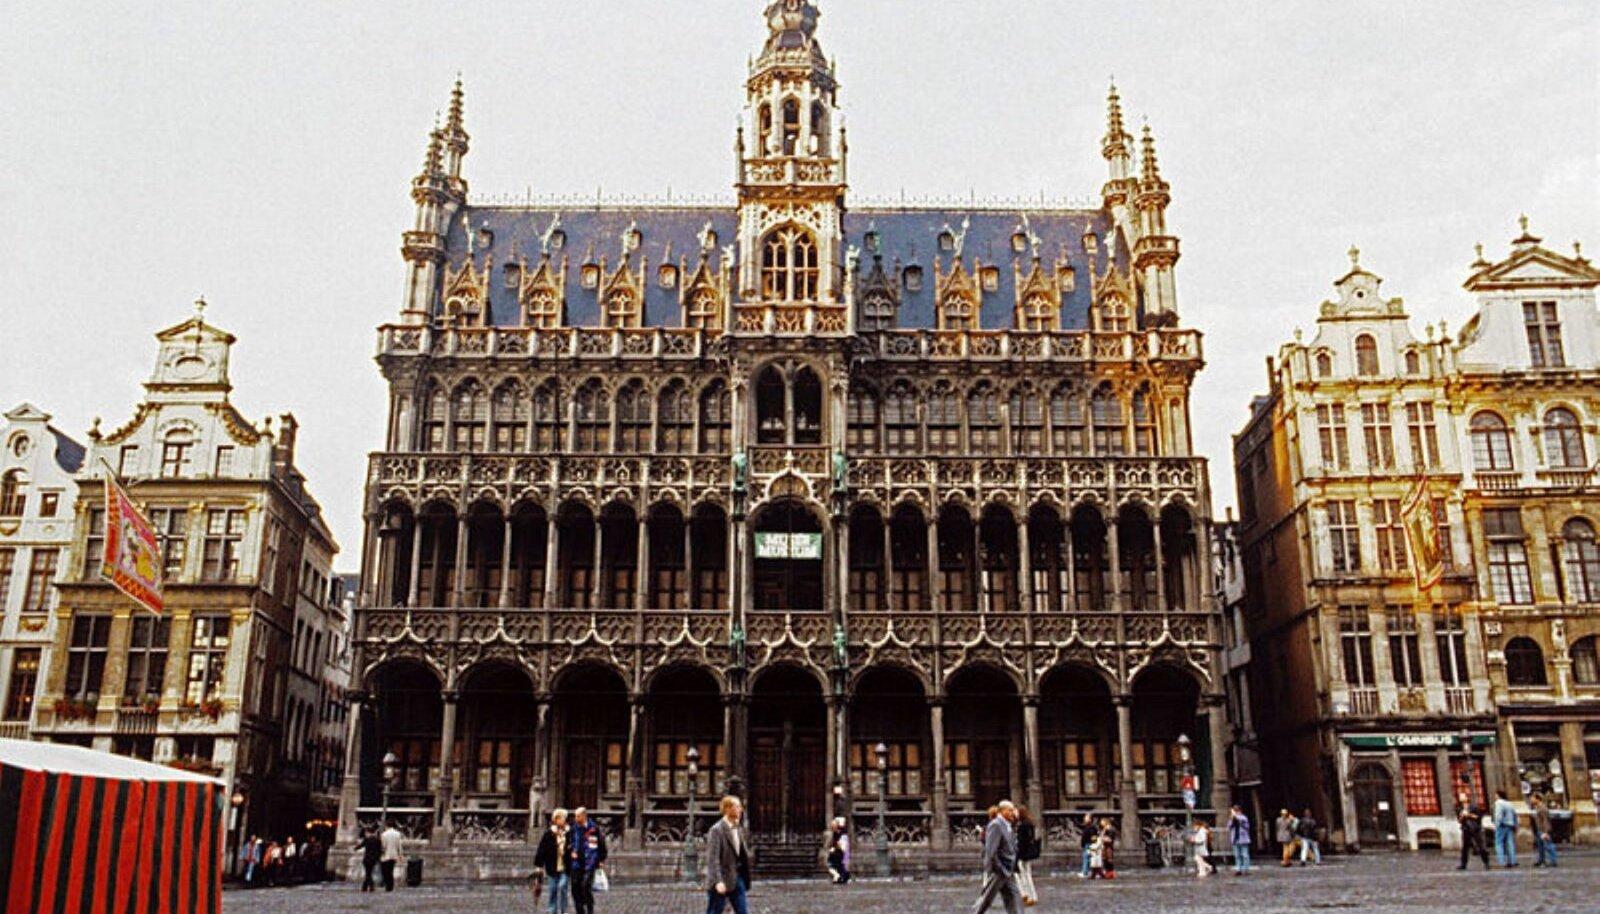 Brüsseli ajaloomuuseum